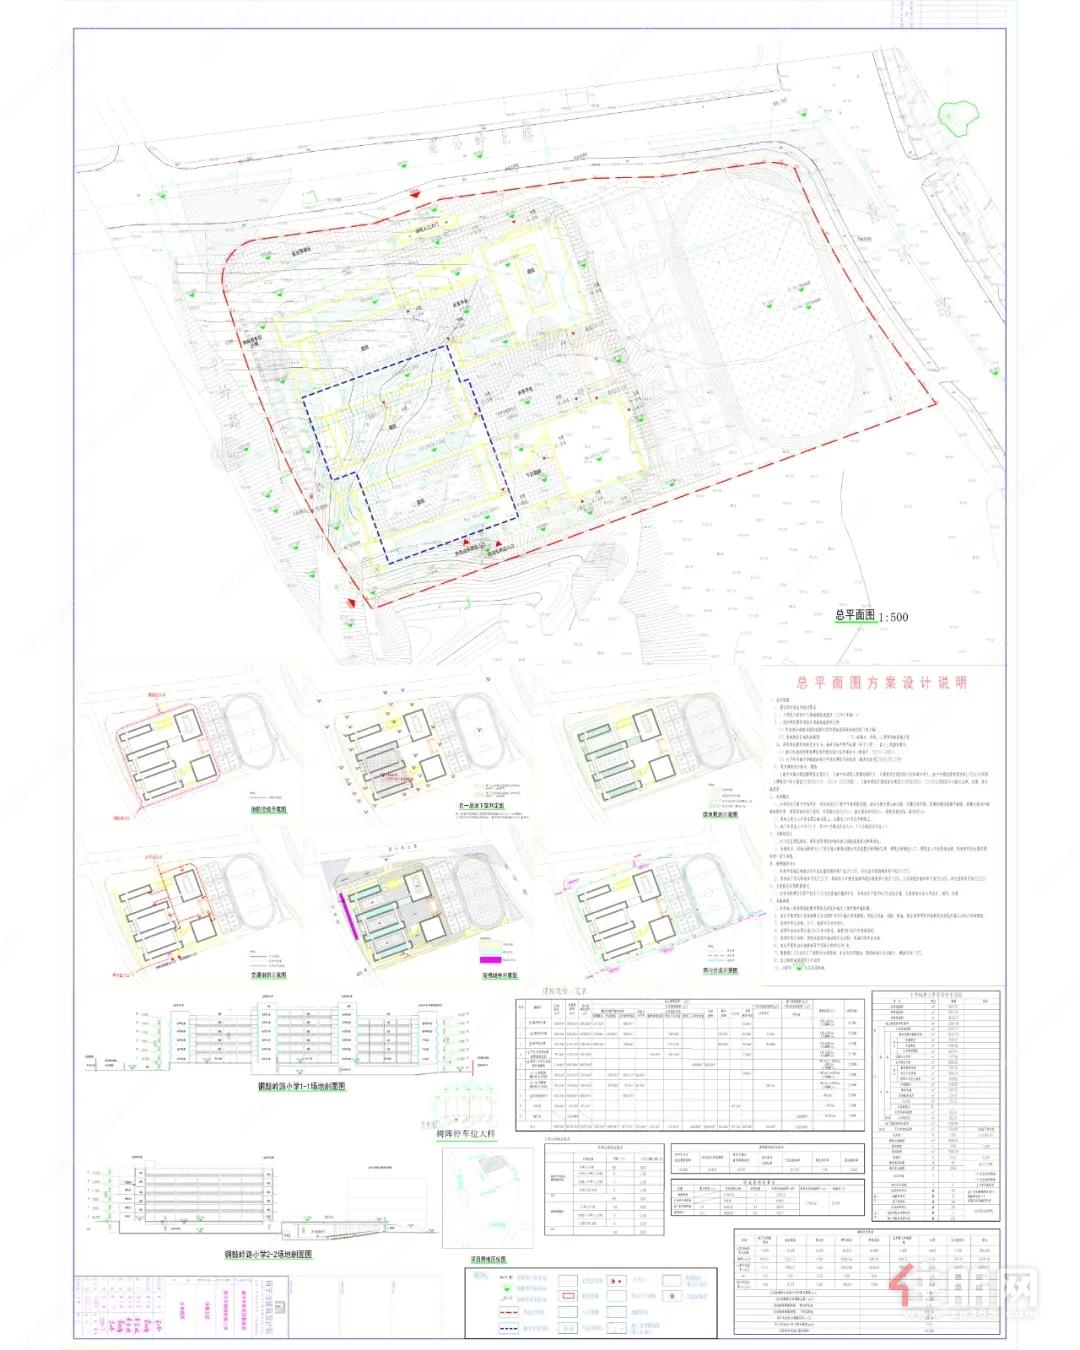 学校规划图.webp (1).jpg